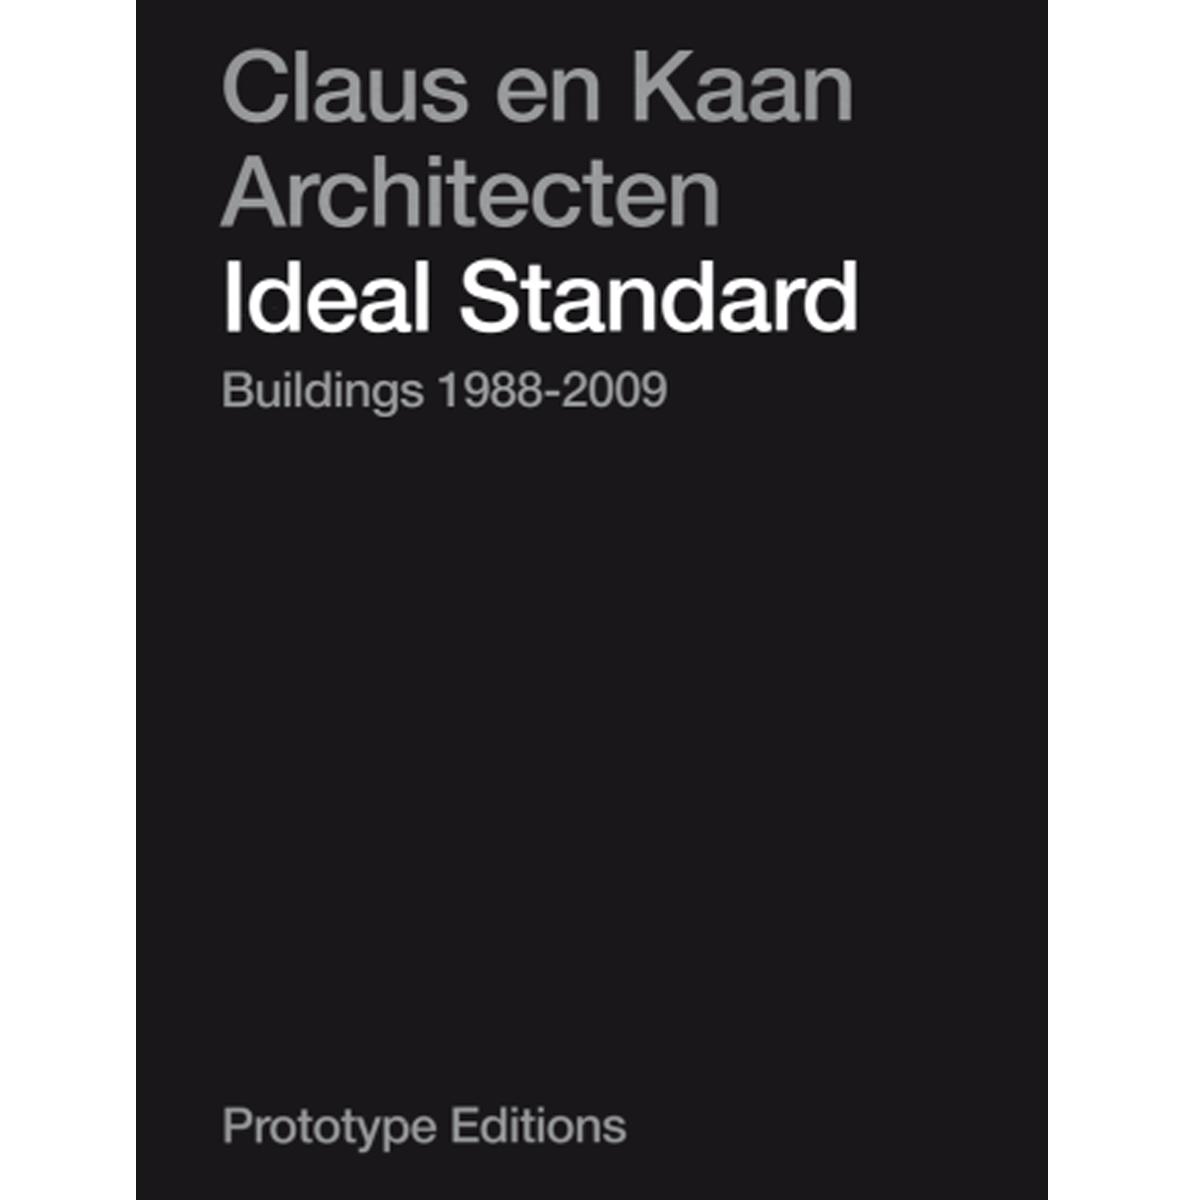 Claus en Kaan Architecten: Ideal Standard